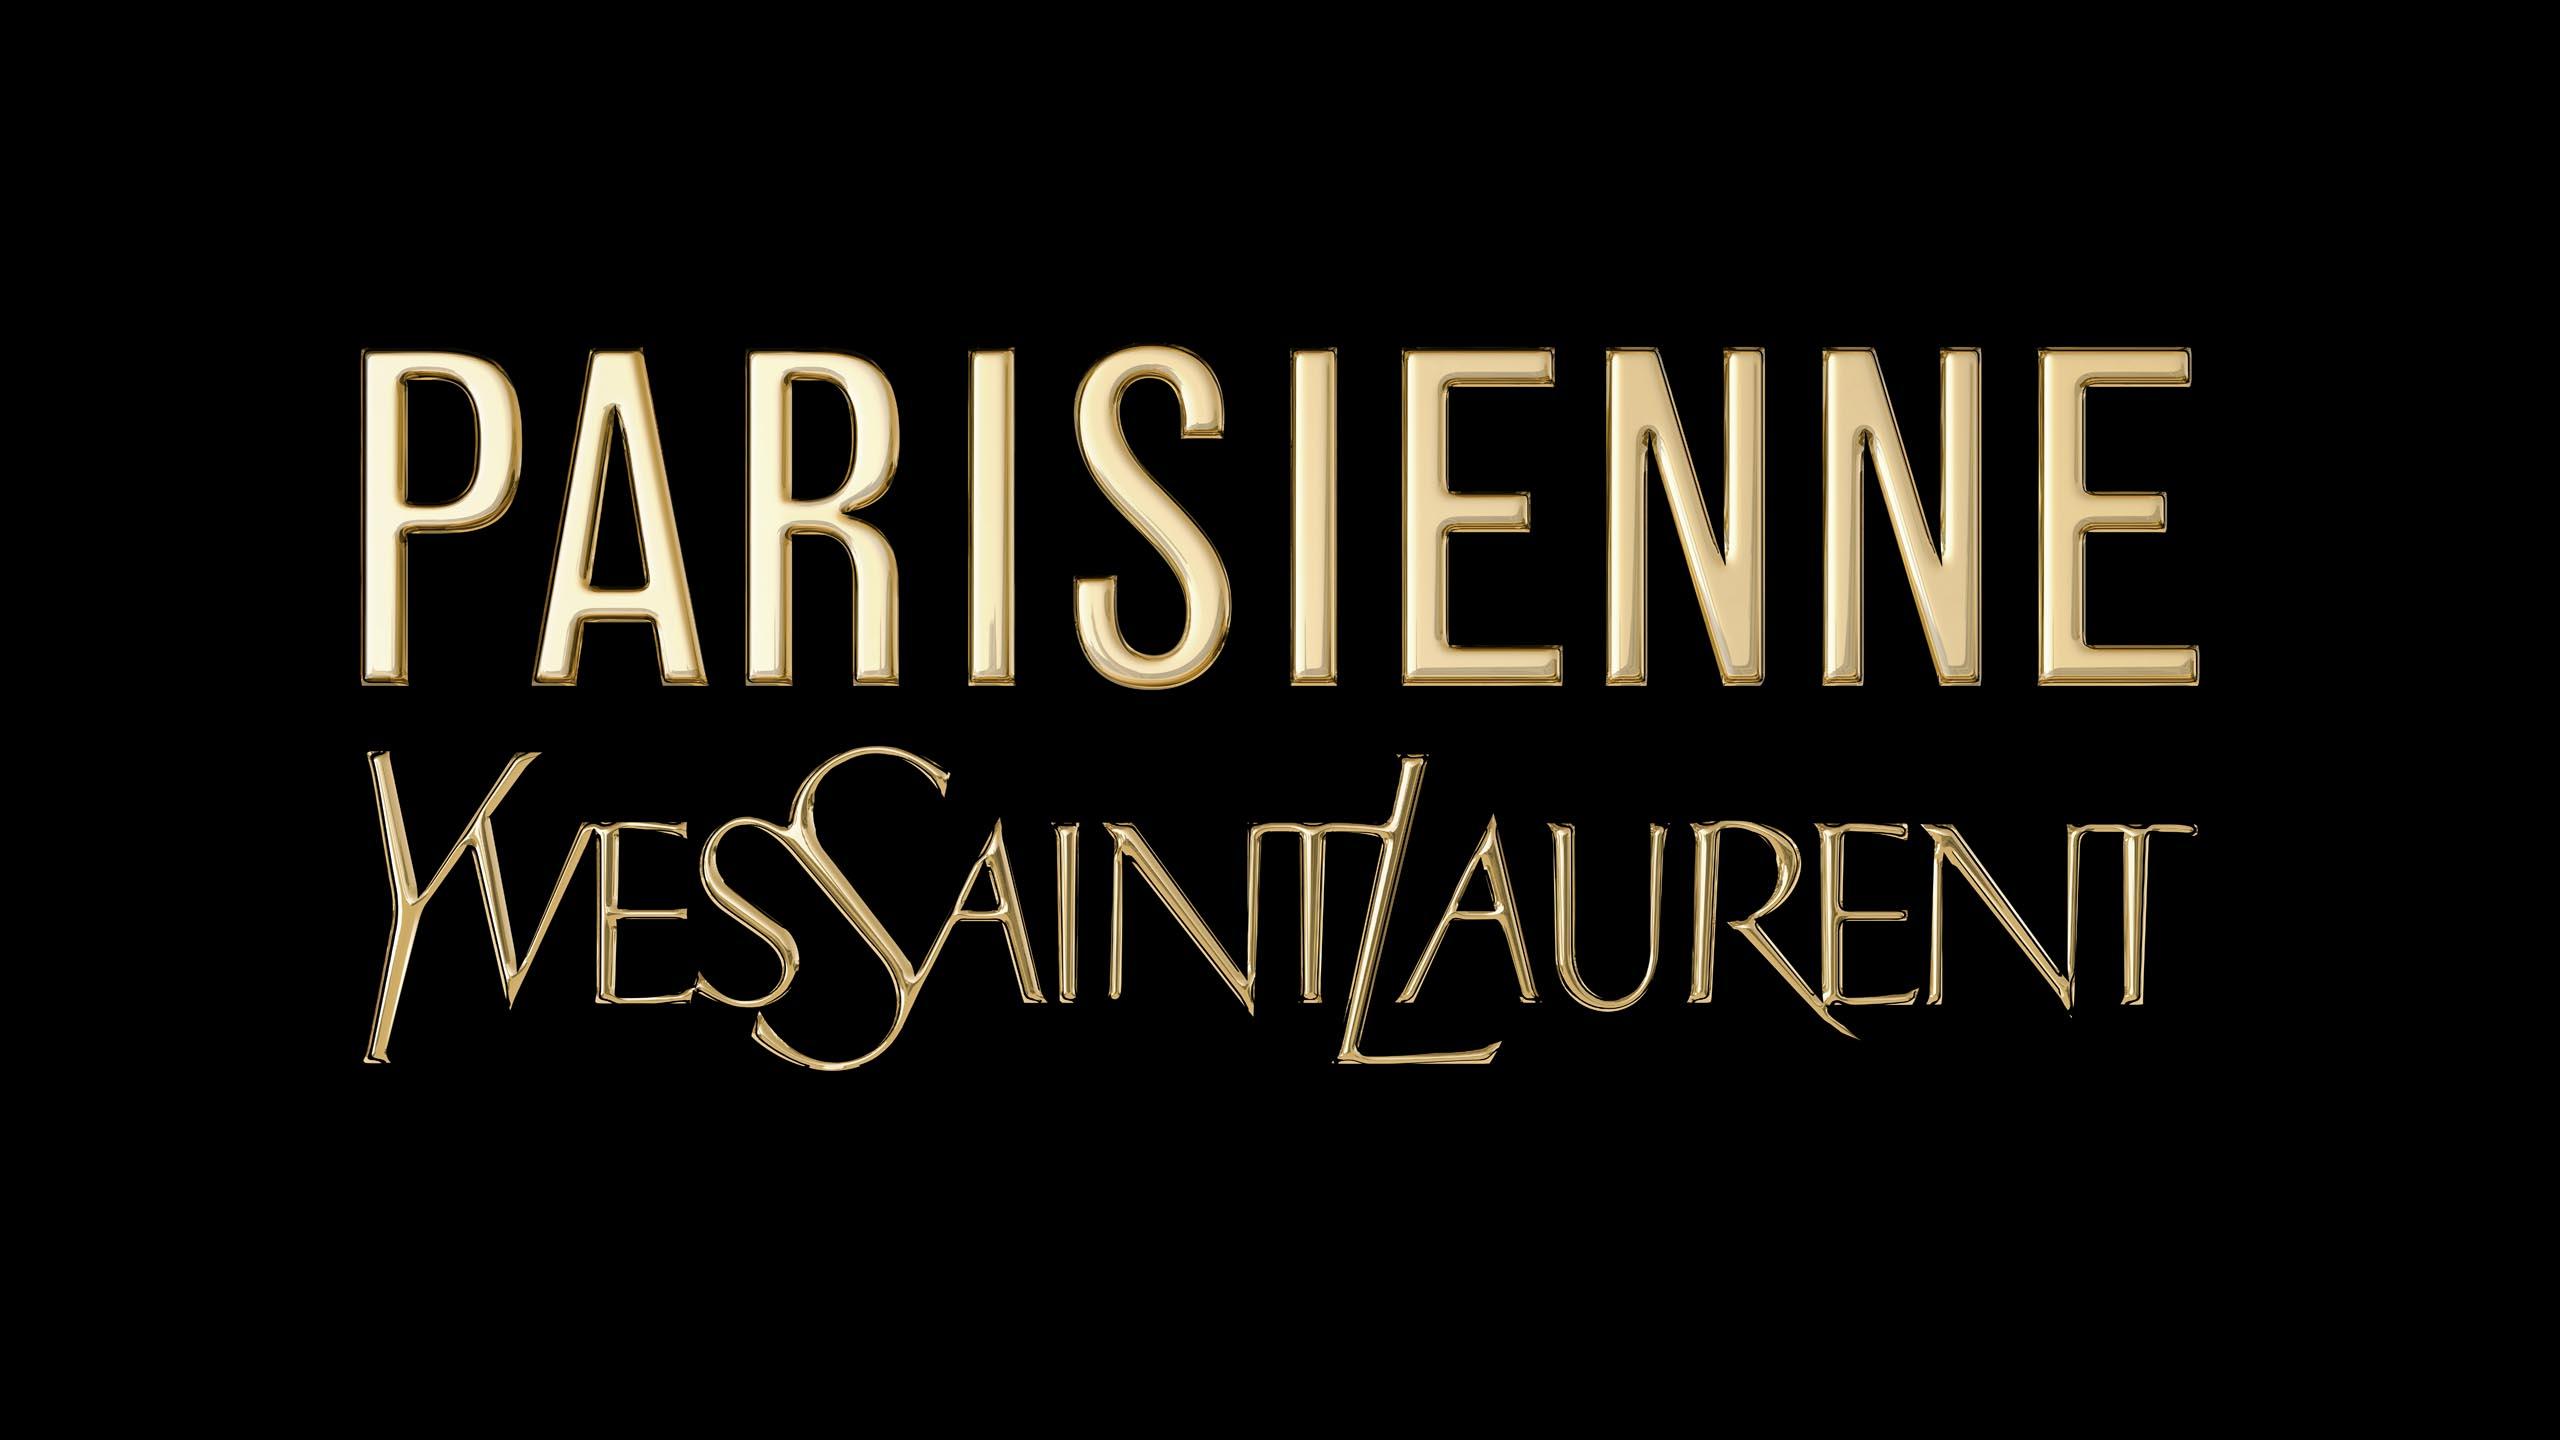 3D-logo for Yves Saint Laurent's Pariesienne